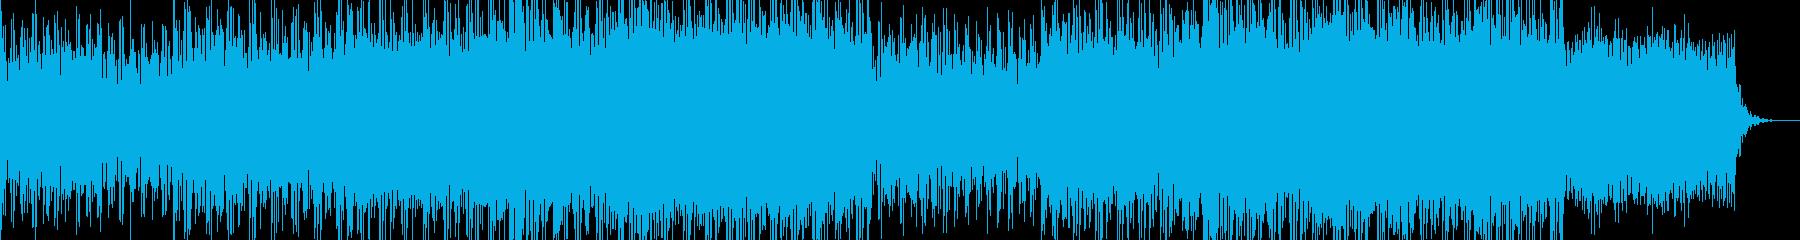 オープニング企業VPイベント-07の再生済みの波形